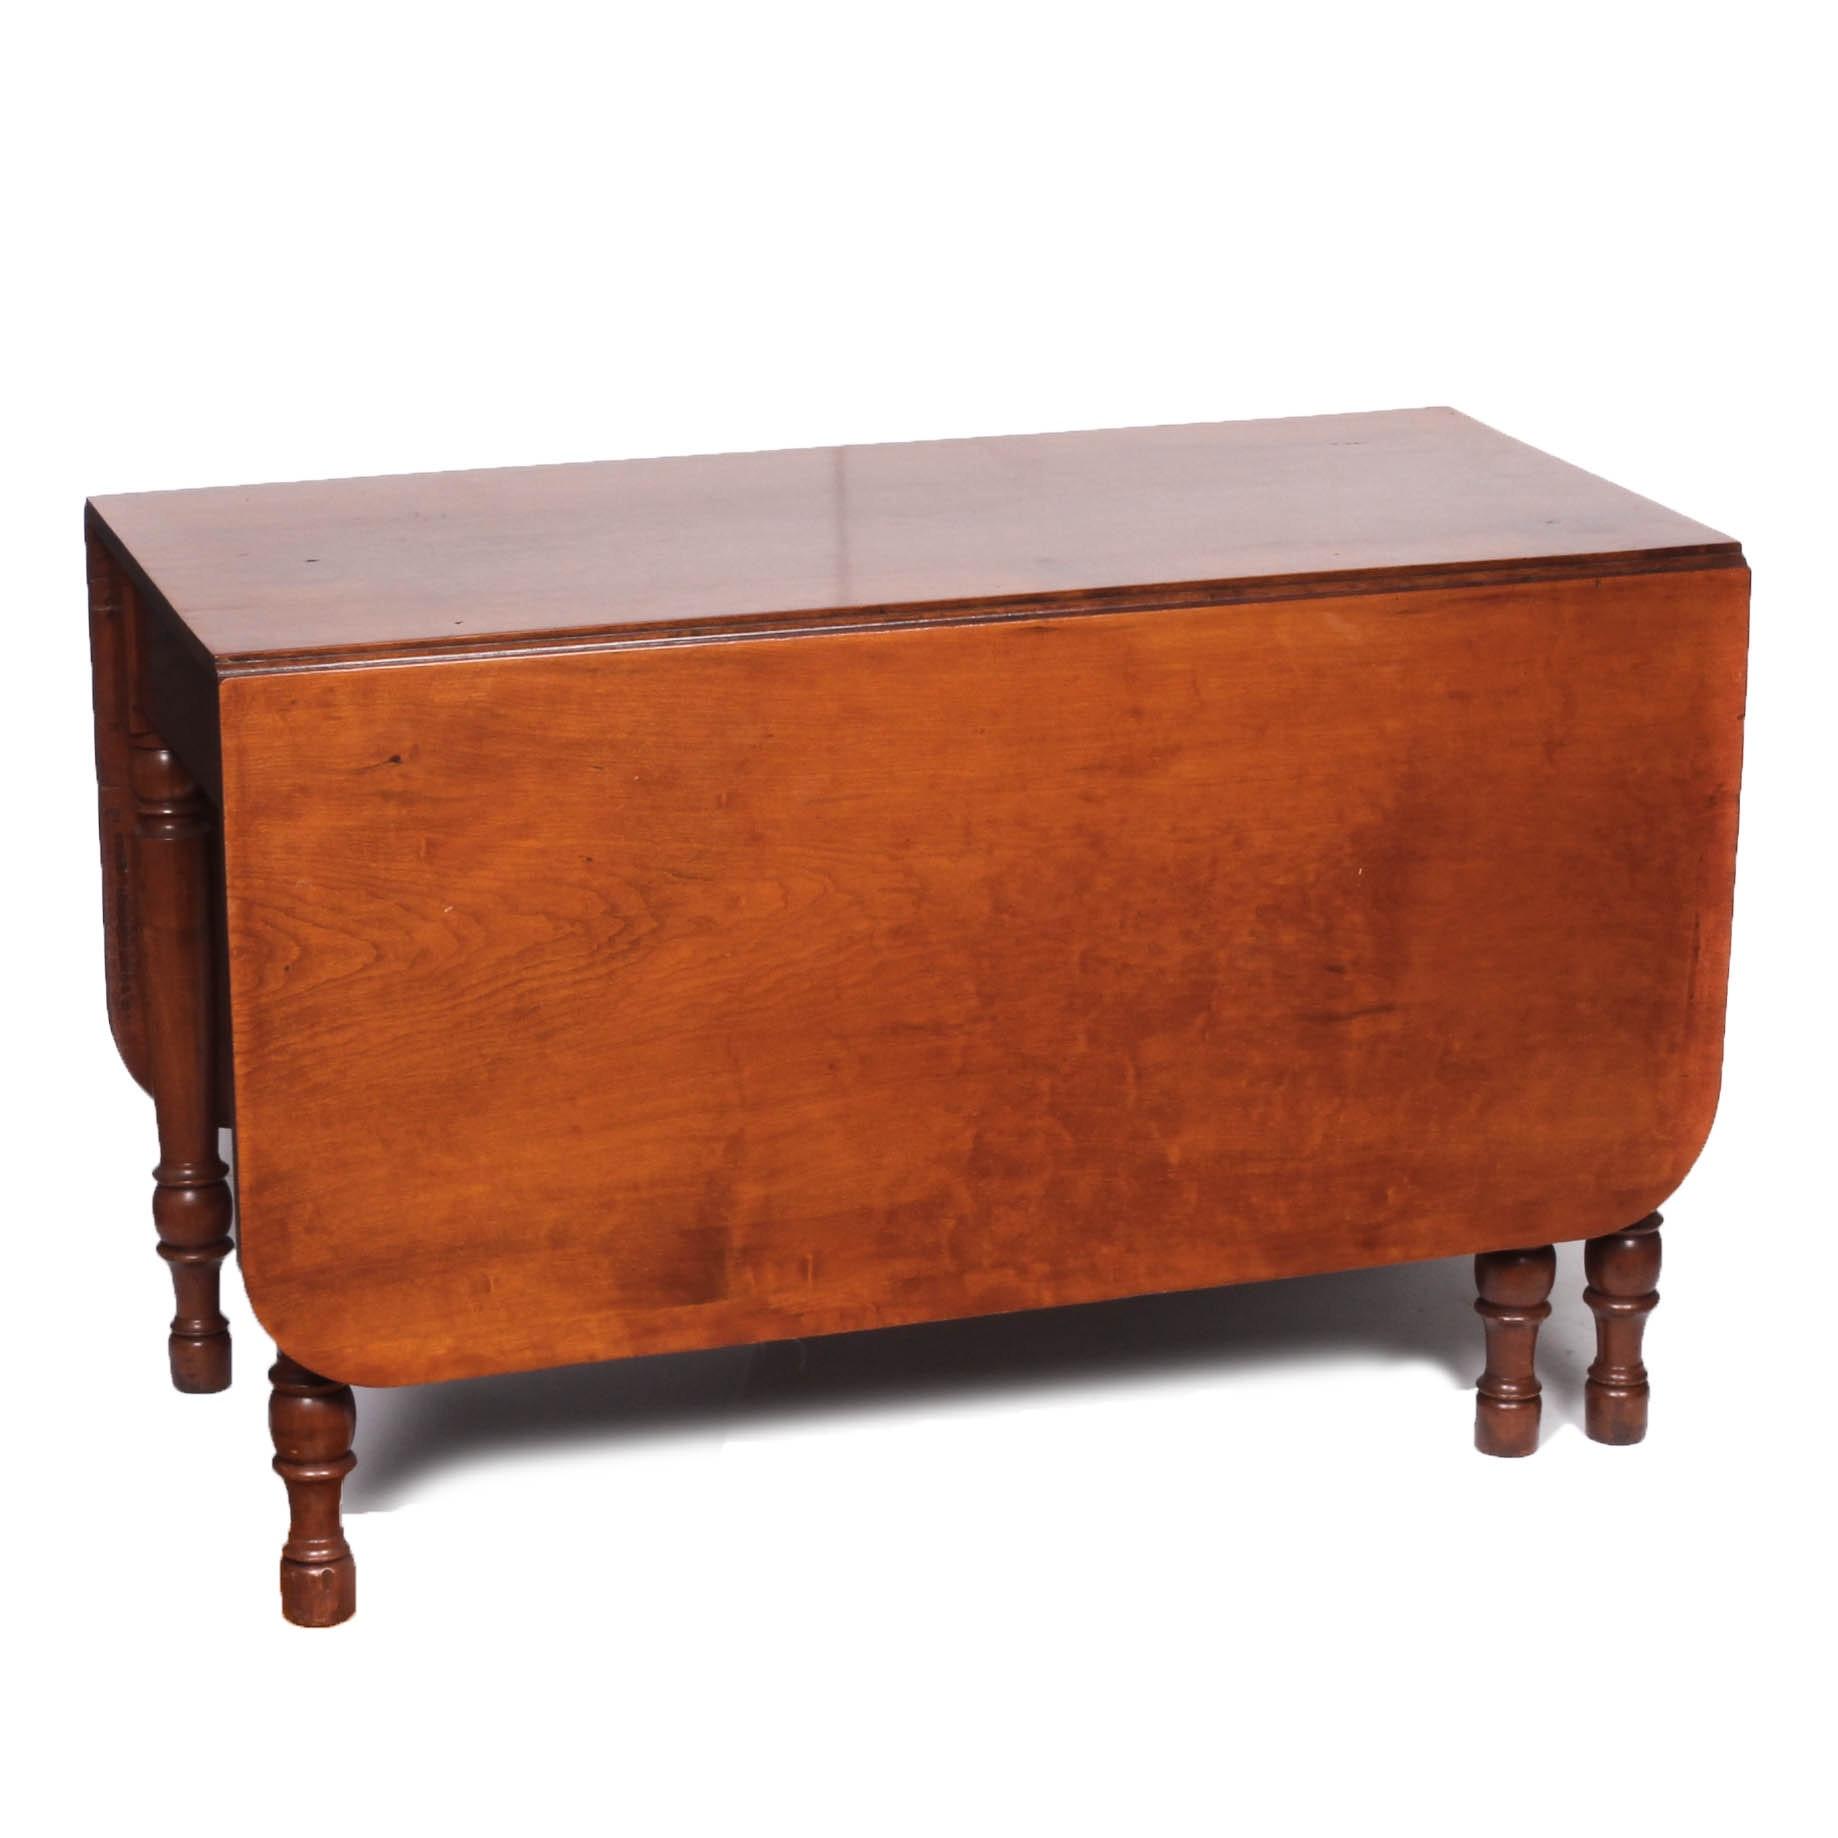 Vintage Gateleg Drop-Leaf Table